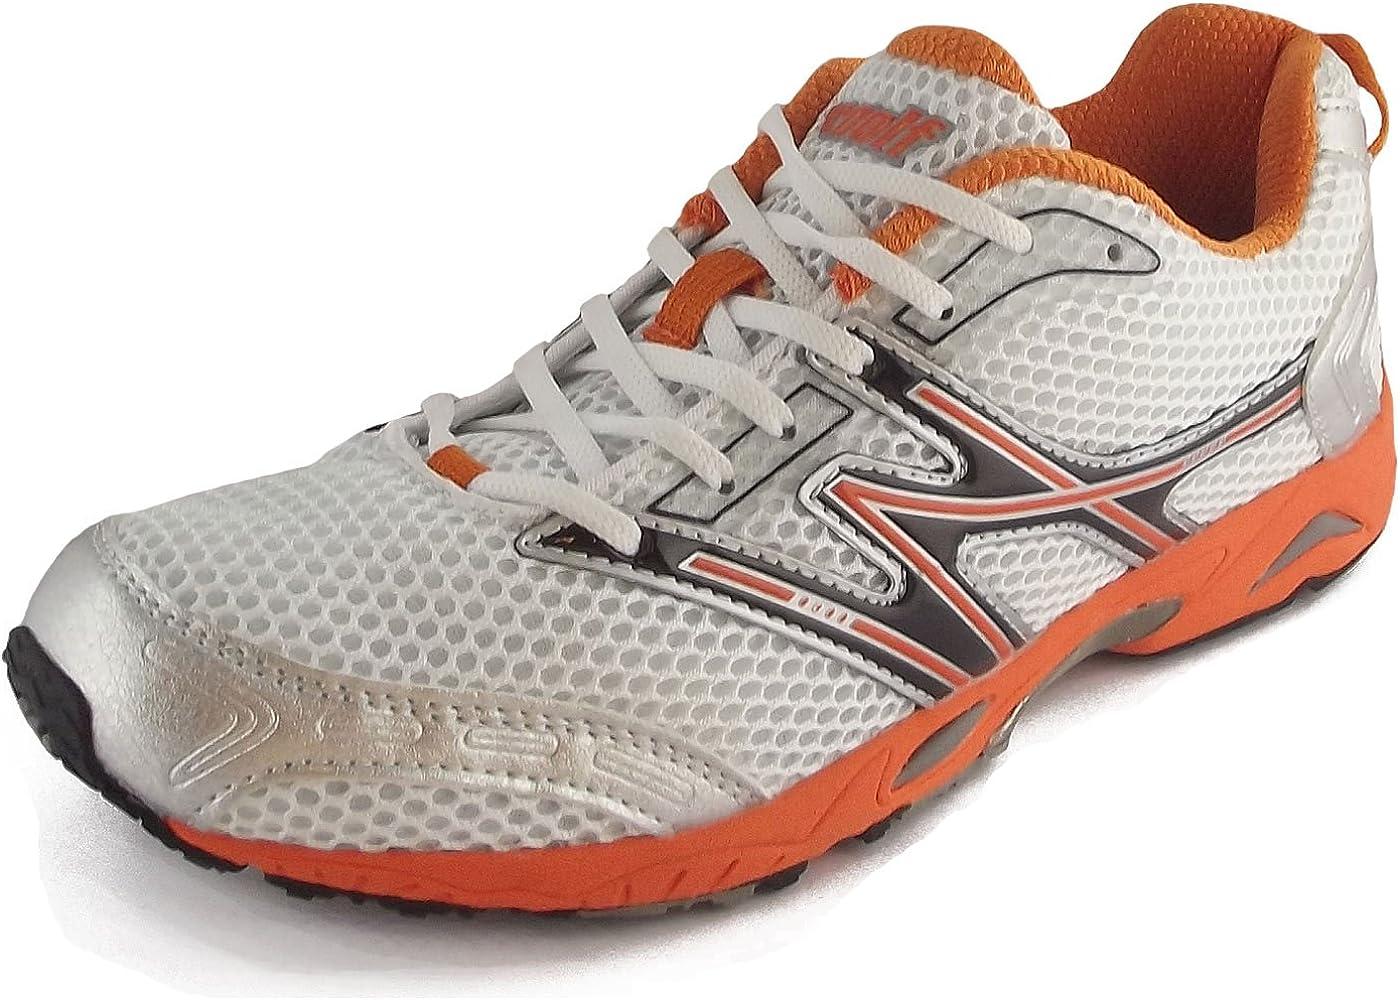 Woolf - Zapatillas de running para mujer, color blanco, talla 36 ...